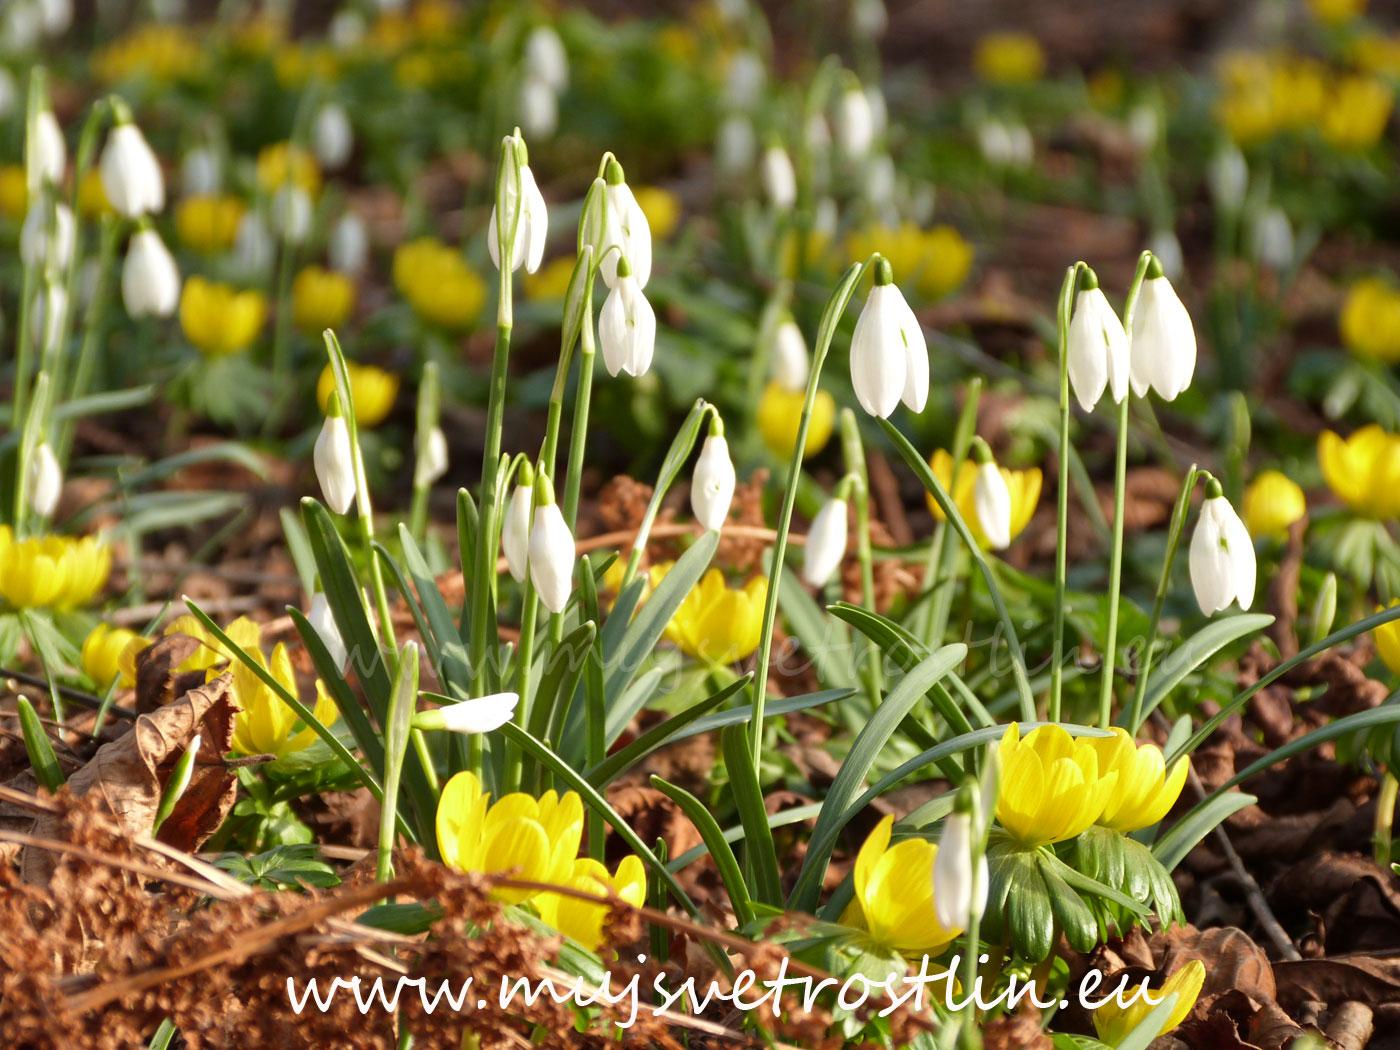 Poslové jara - bledule, sněženky a talovíny